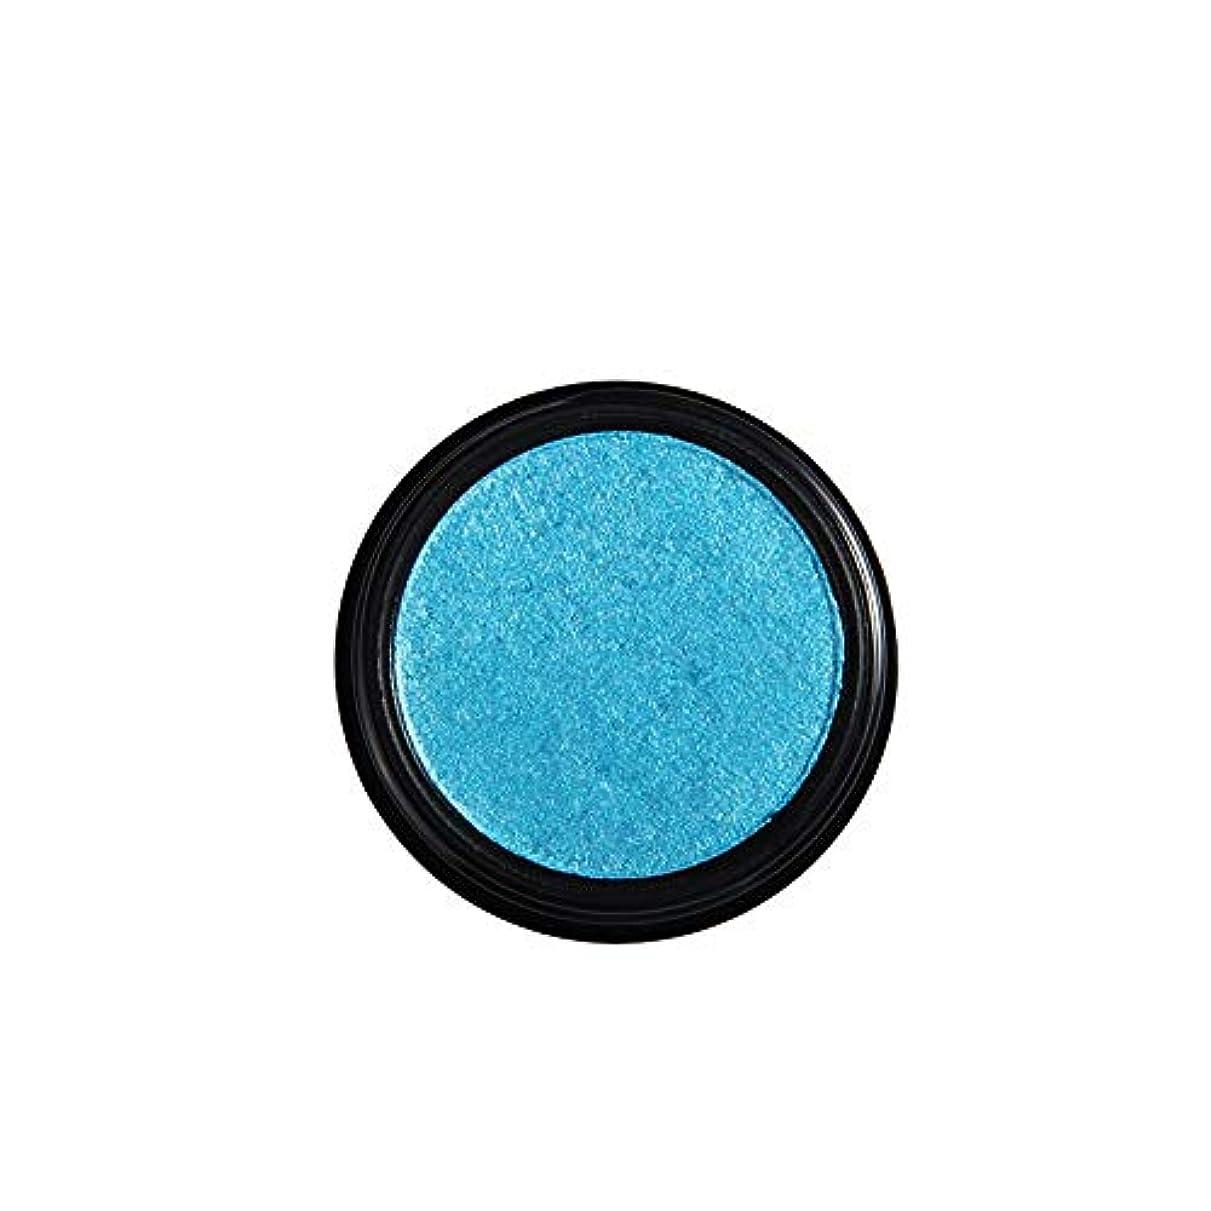 水銀のディスクエキゾチックAkane アイシャドウパレット PHOERA ファッション 高級 美しい ひとつだけ 単なる 魅力的 キラキラ メタリック 綺麗 素敵 持ち便利 日常 Eye Shadow (24色)